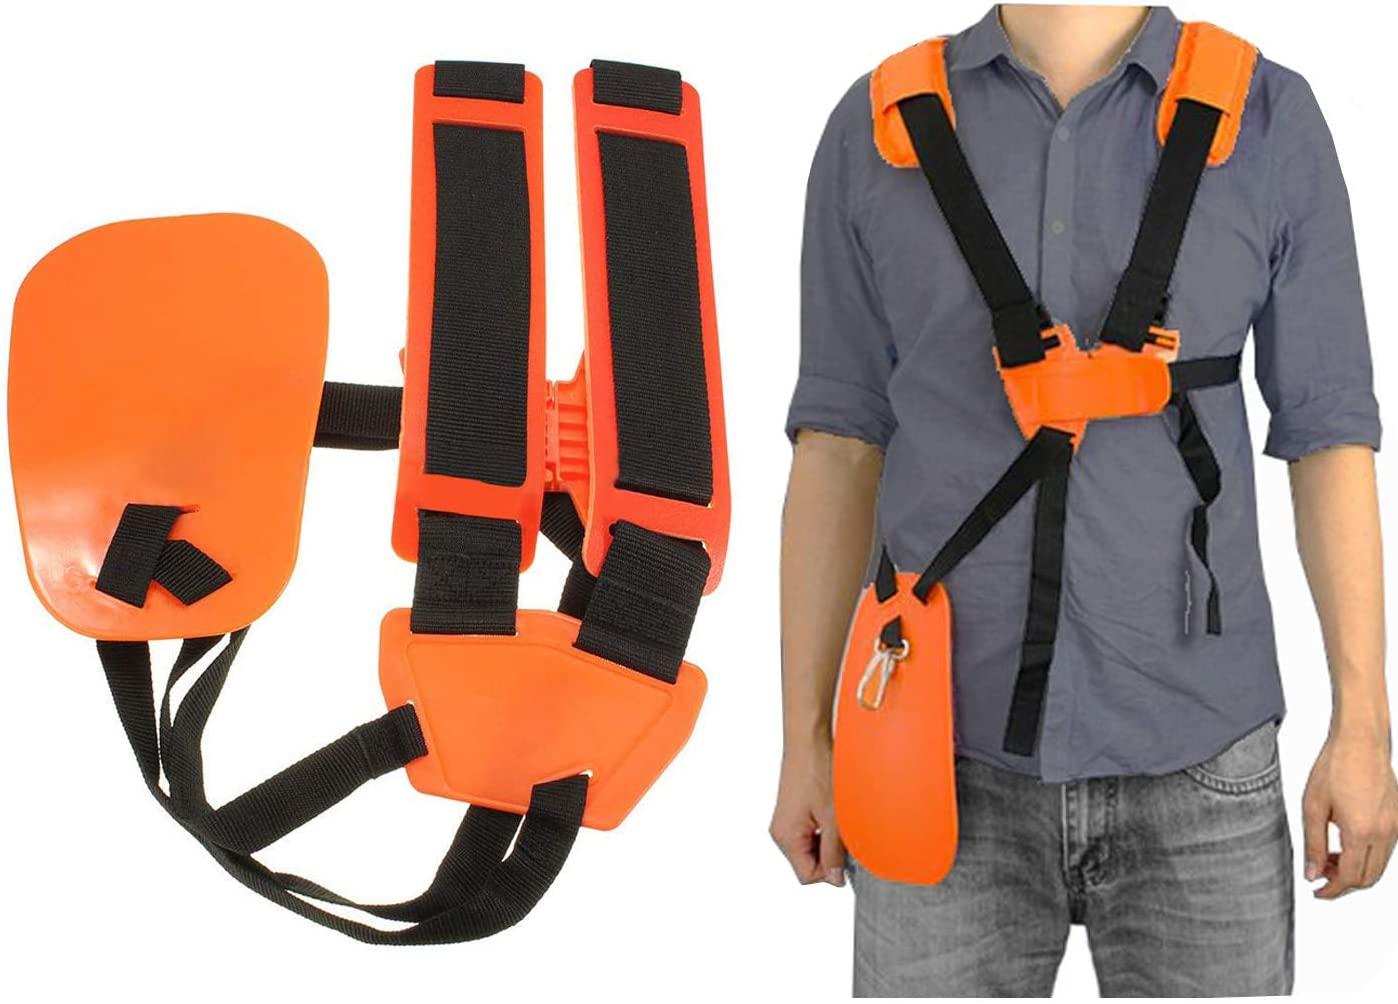 Hippotech New 4119 710 9001 Trimmer Shoulder Strap/Harness Brushcutter Shoulder Harness for STIHL FS, KM Series String Trimmer